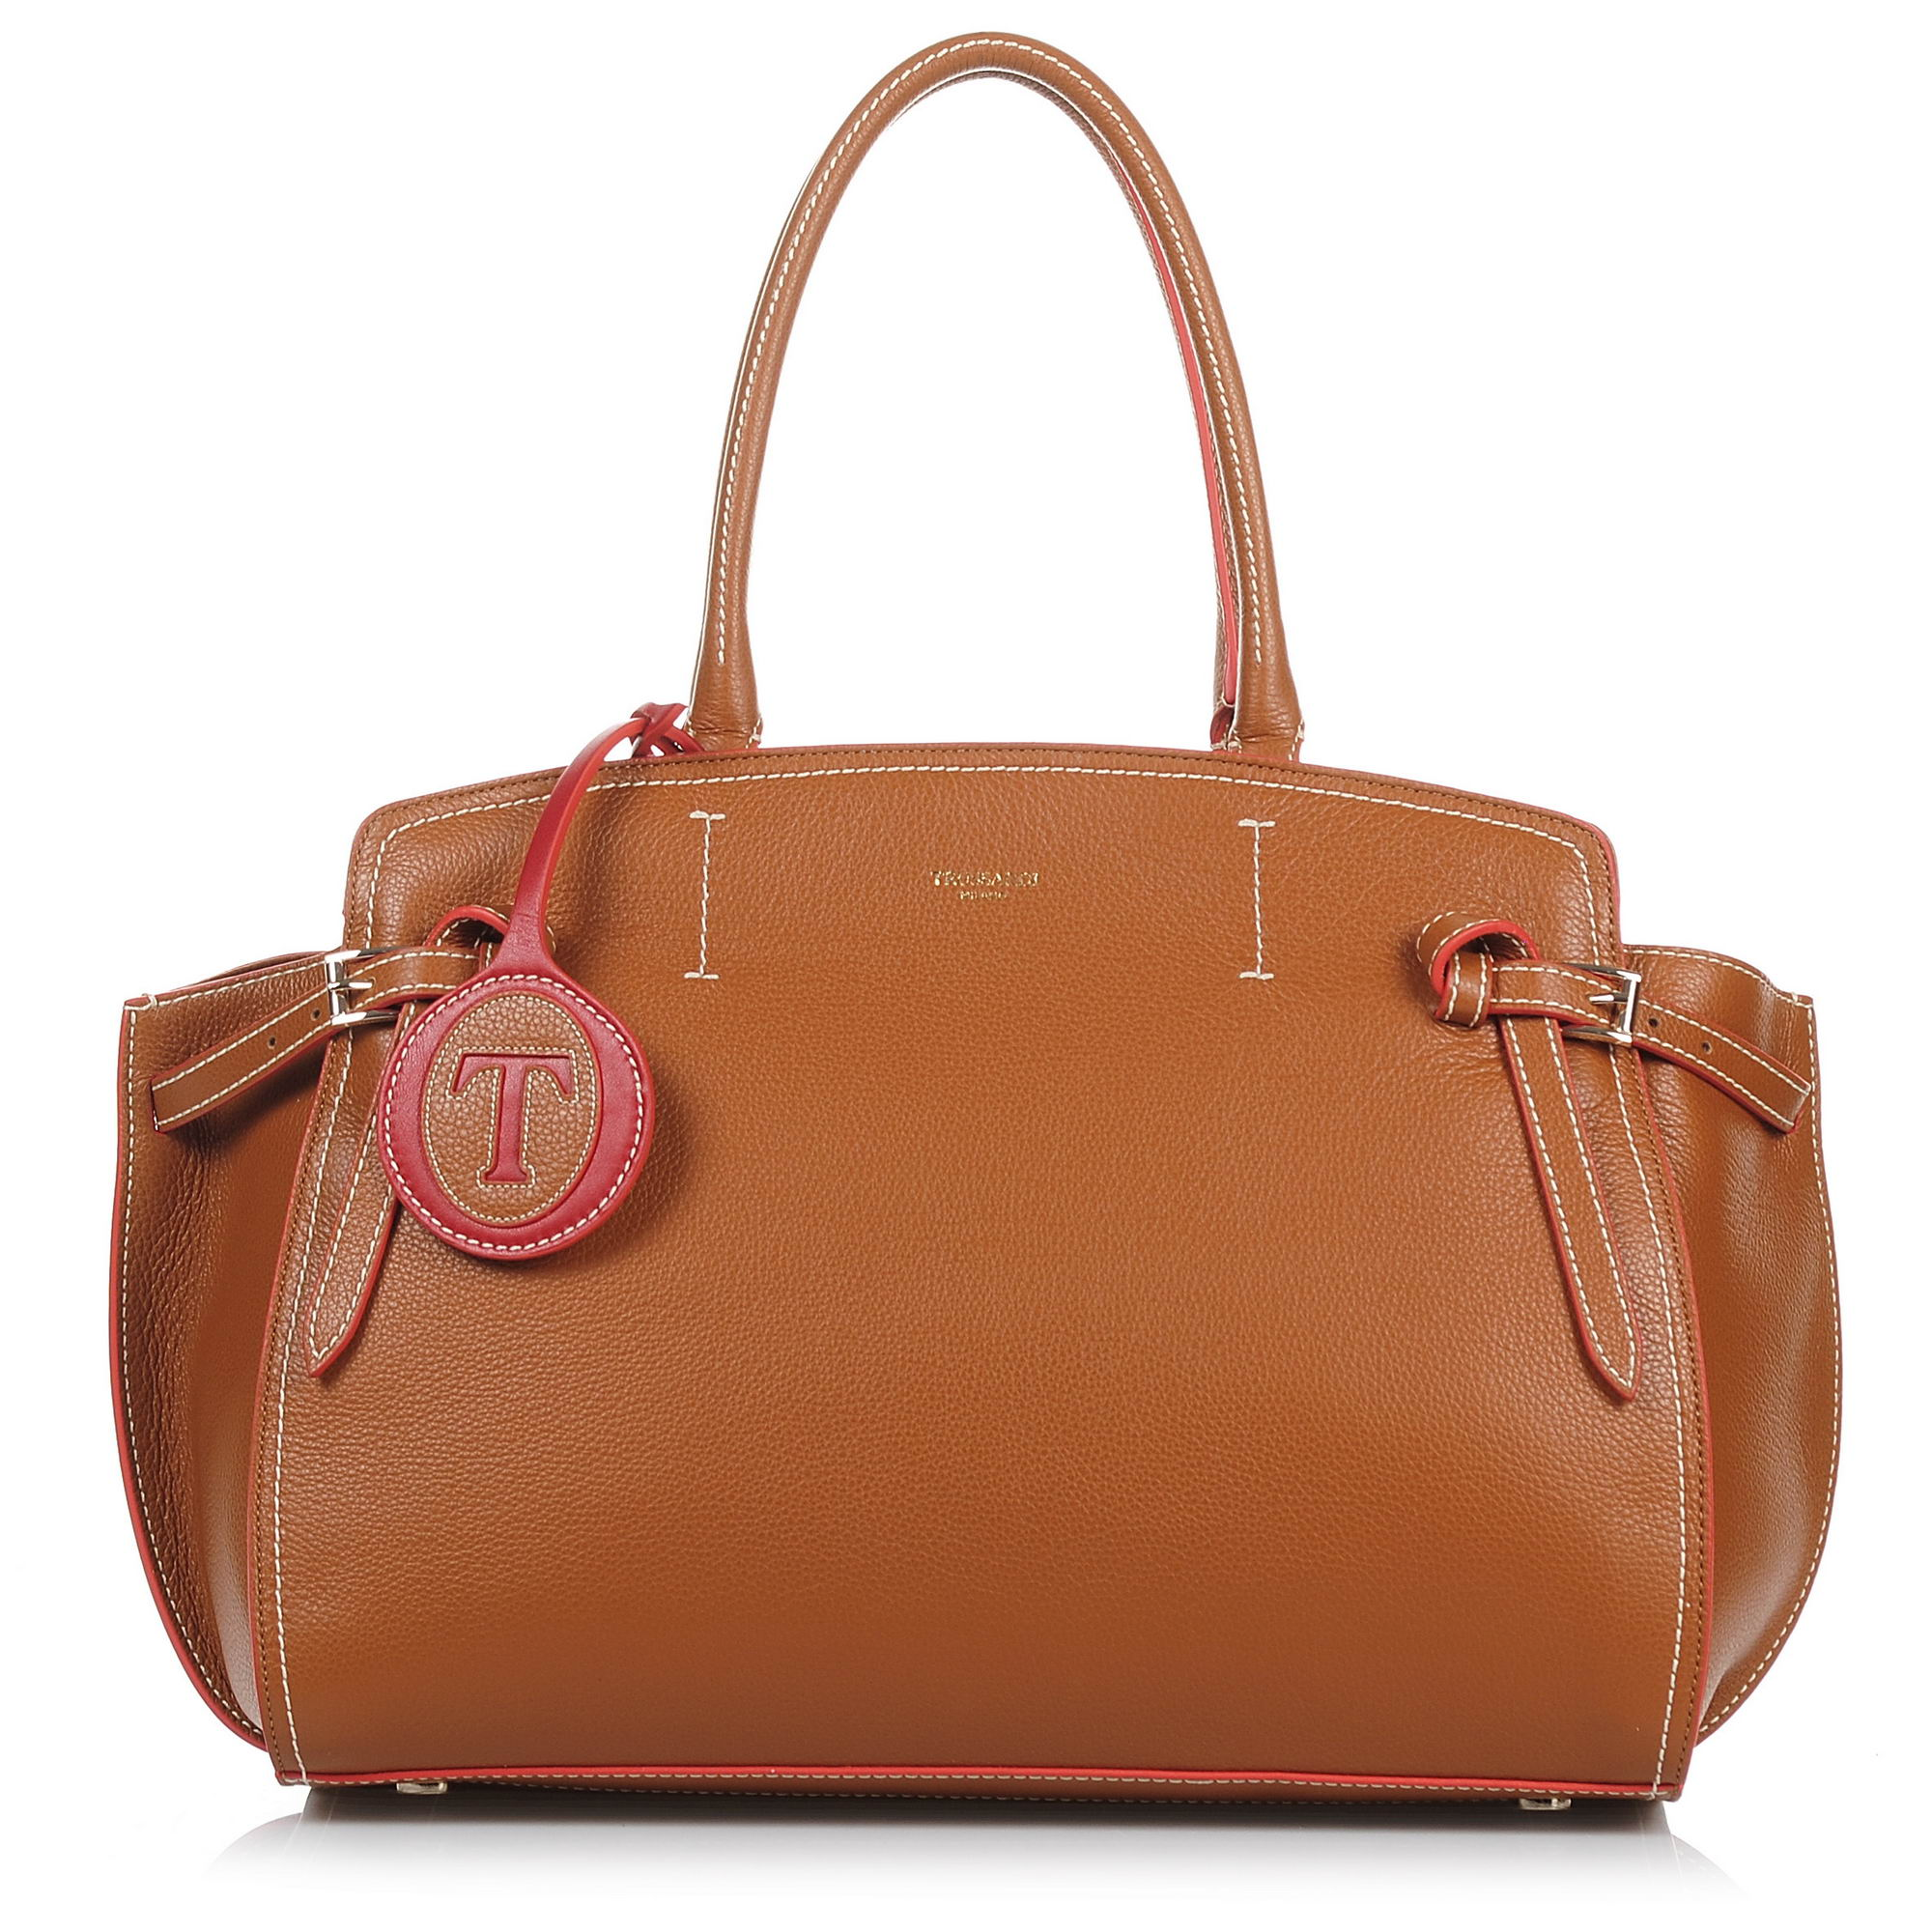 Δερμάτινη Tote Τσάντα Trussardi Gita Satchel Bag Maxi Calf Leather Bicolor 76B00 γυναικα   γυναικεία τσάντα